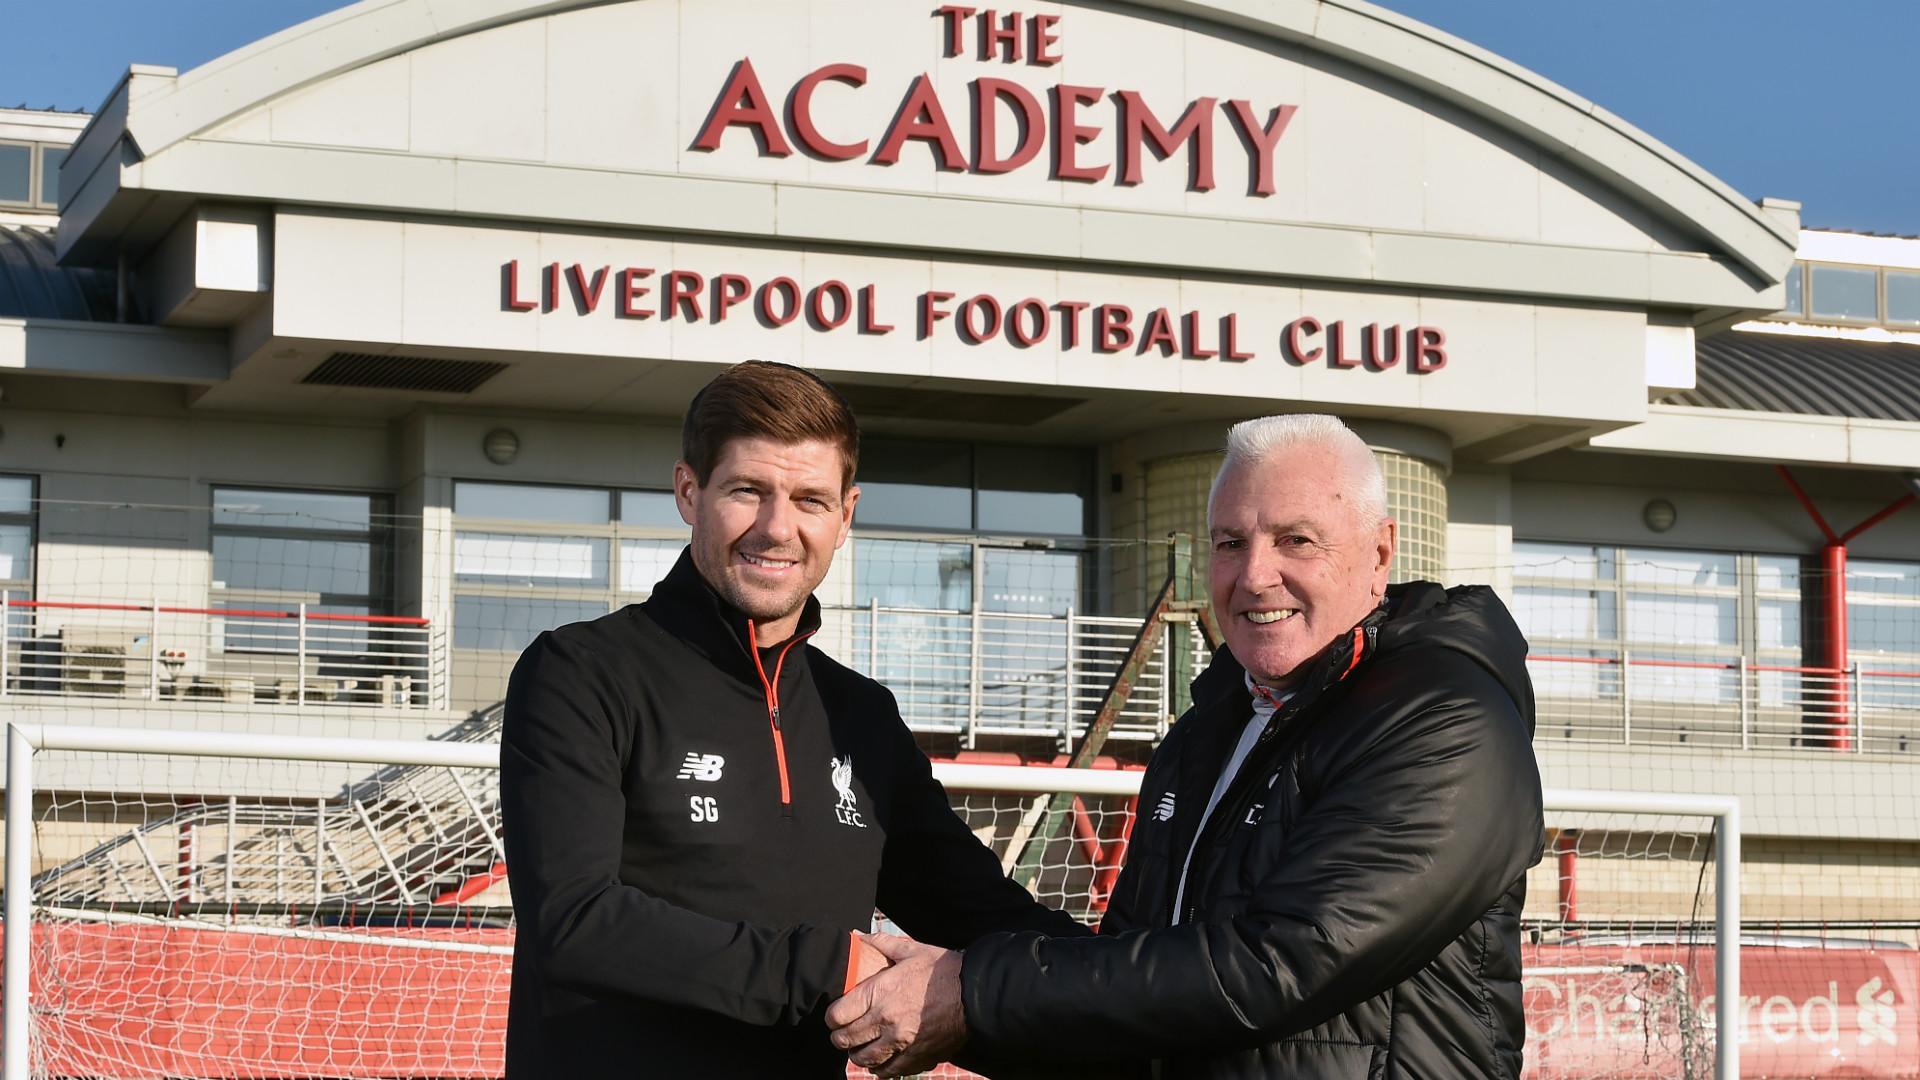 HD Steven Gerrard Steve Heighway